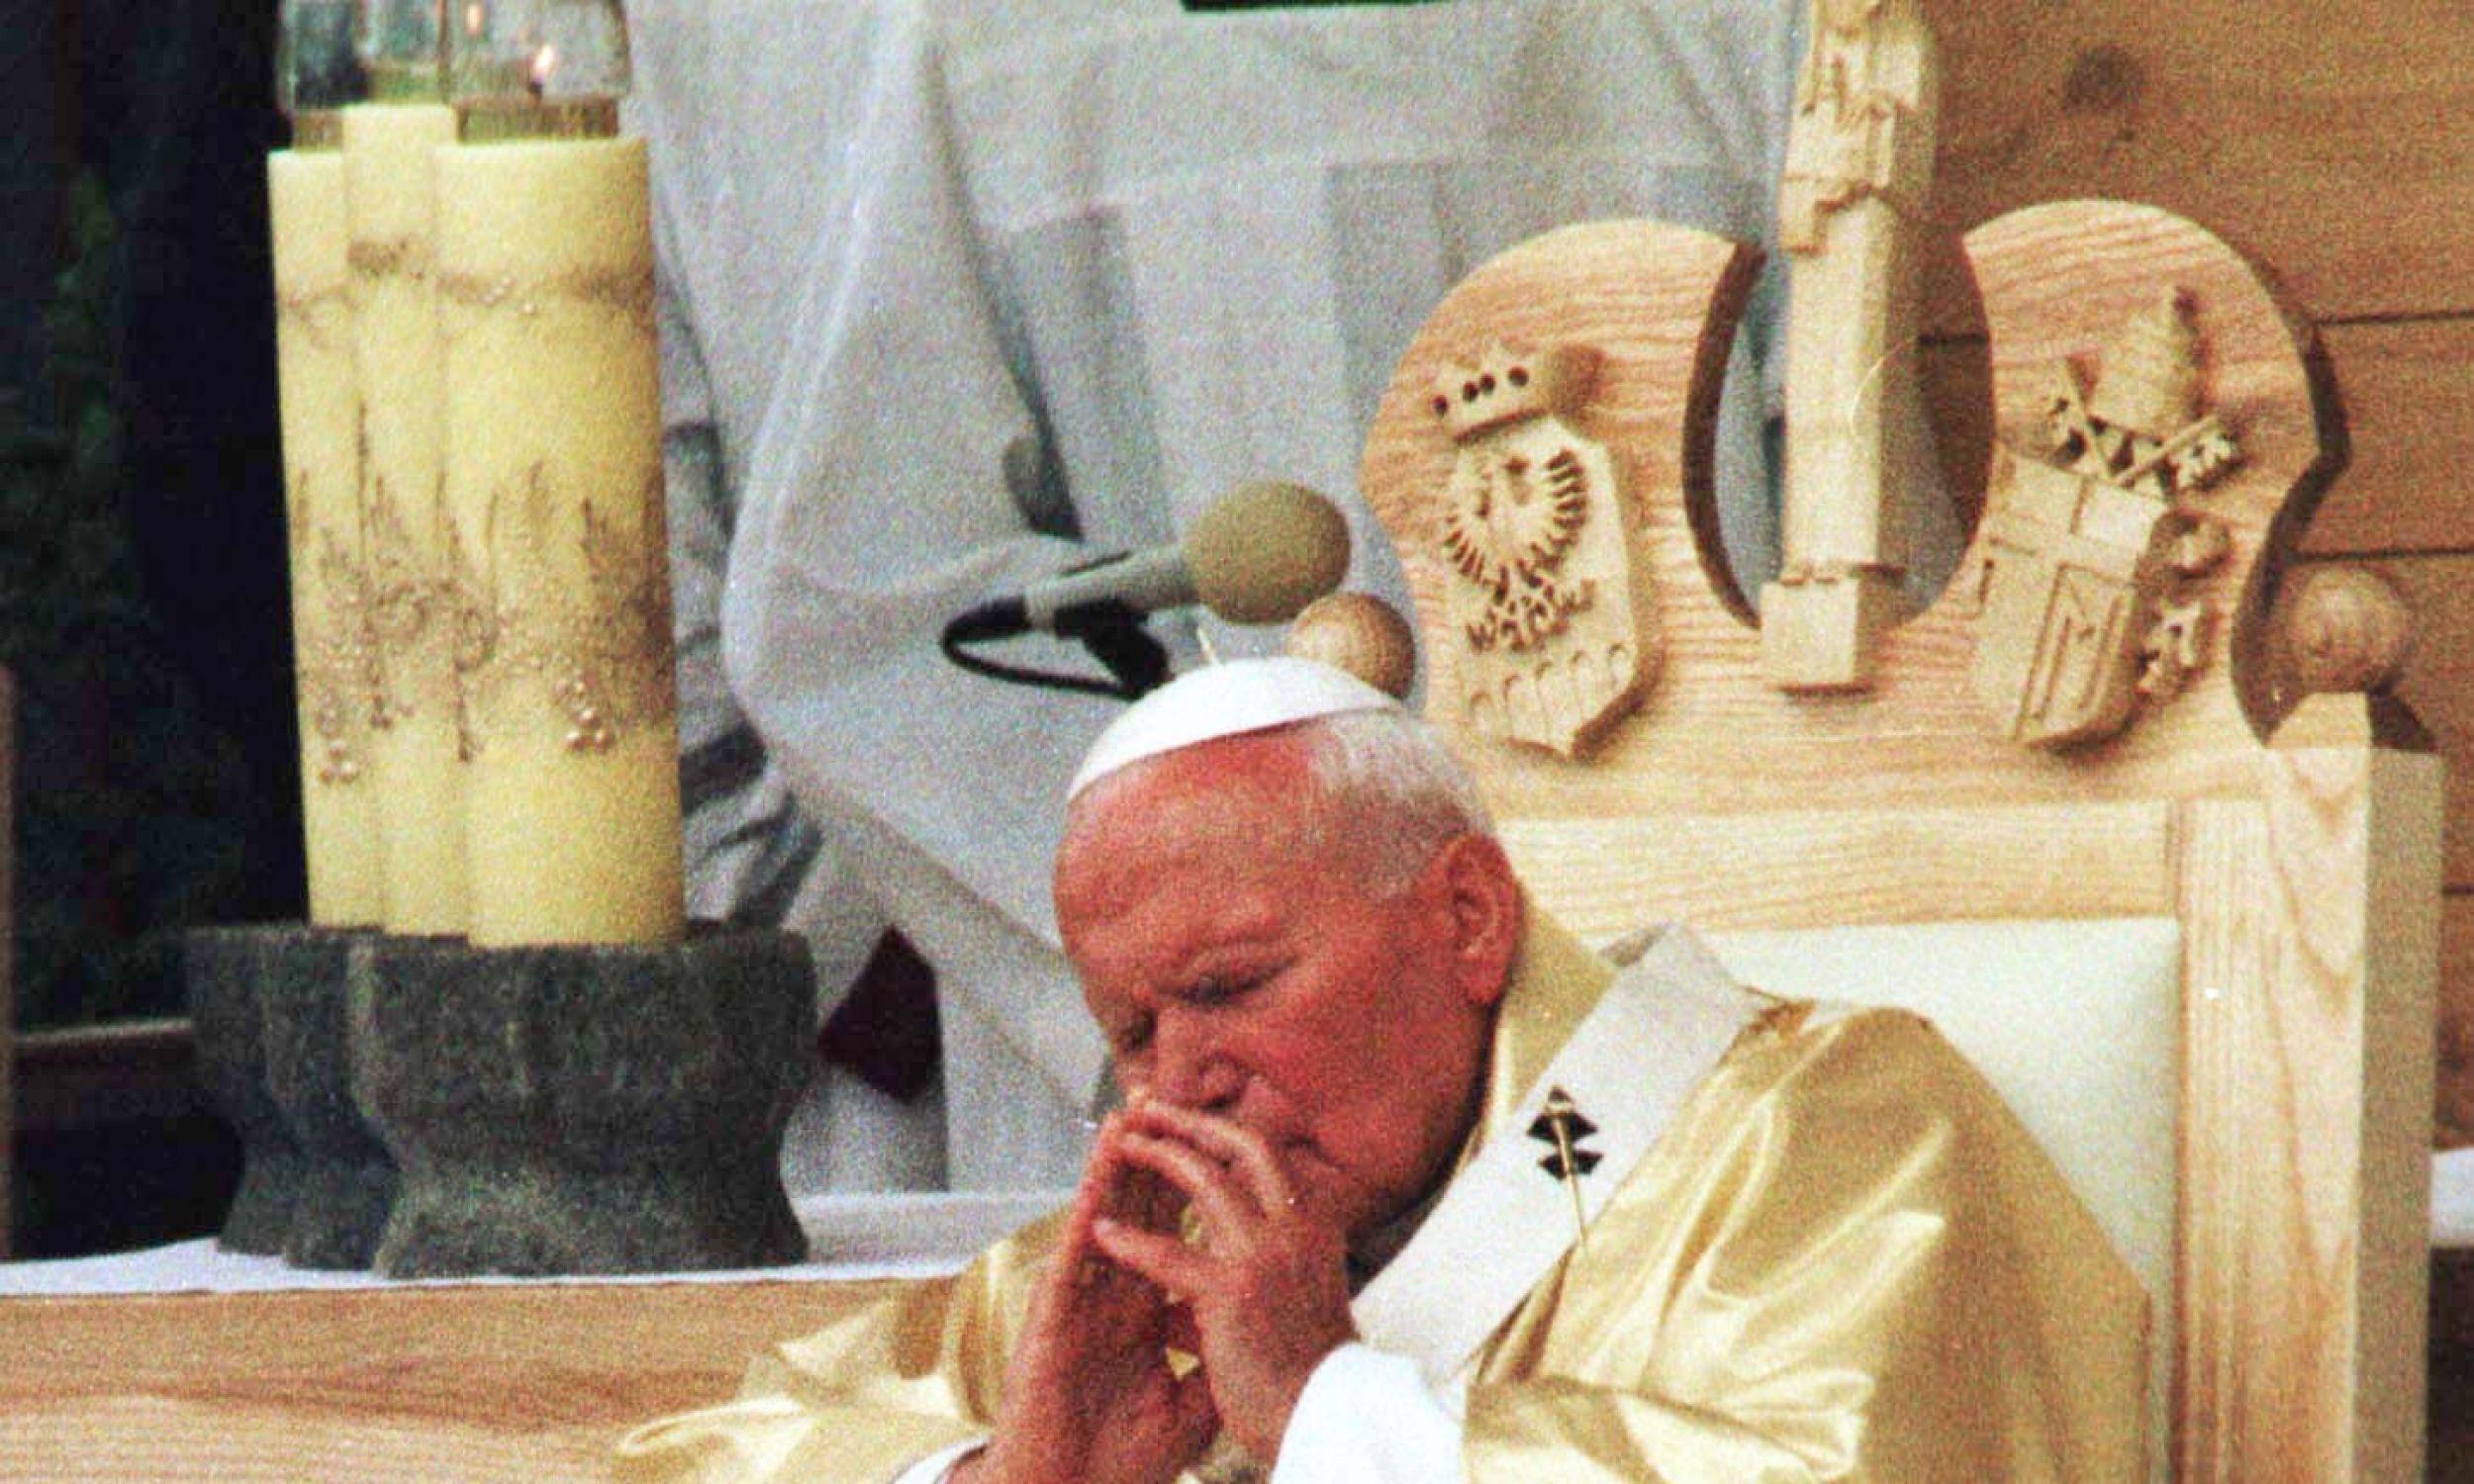 16.06.1999 papież Jan Paweł II celebrował mszę świętą w Starym Sączu podczas której dokonał kanonizacji błogosławionej Kingi - księżnej i założycielki Zakonu Sióstr Klarysek.  Fot. PAP Roman Koszowski